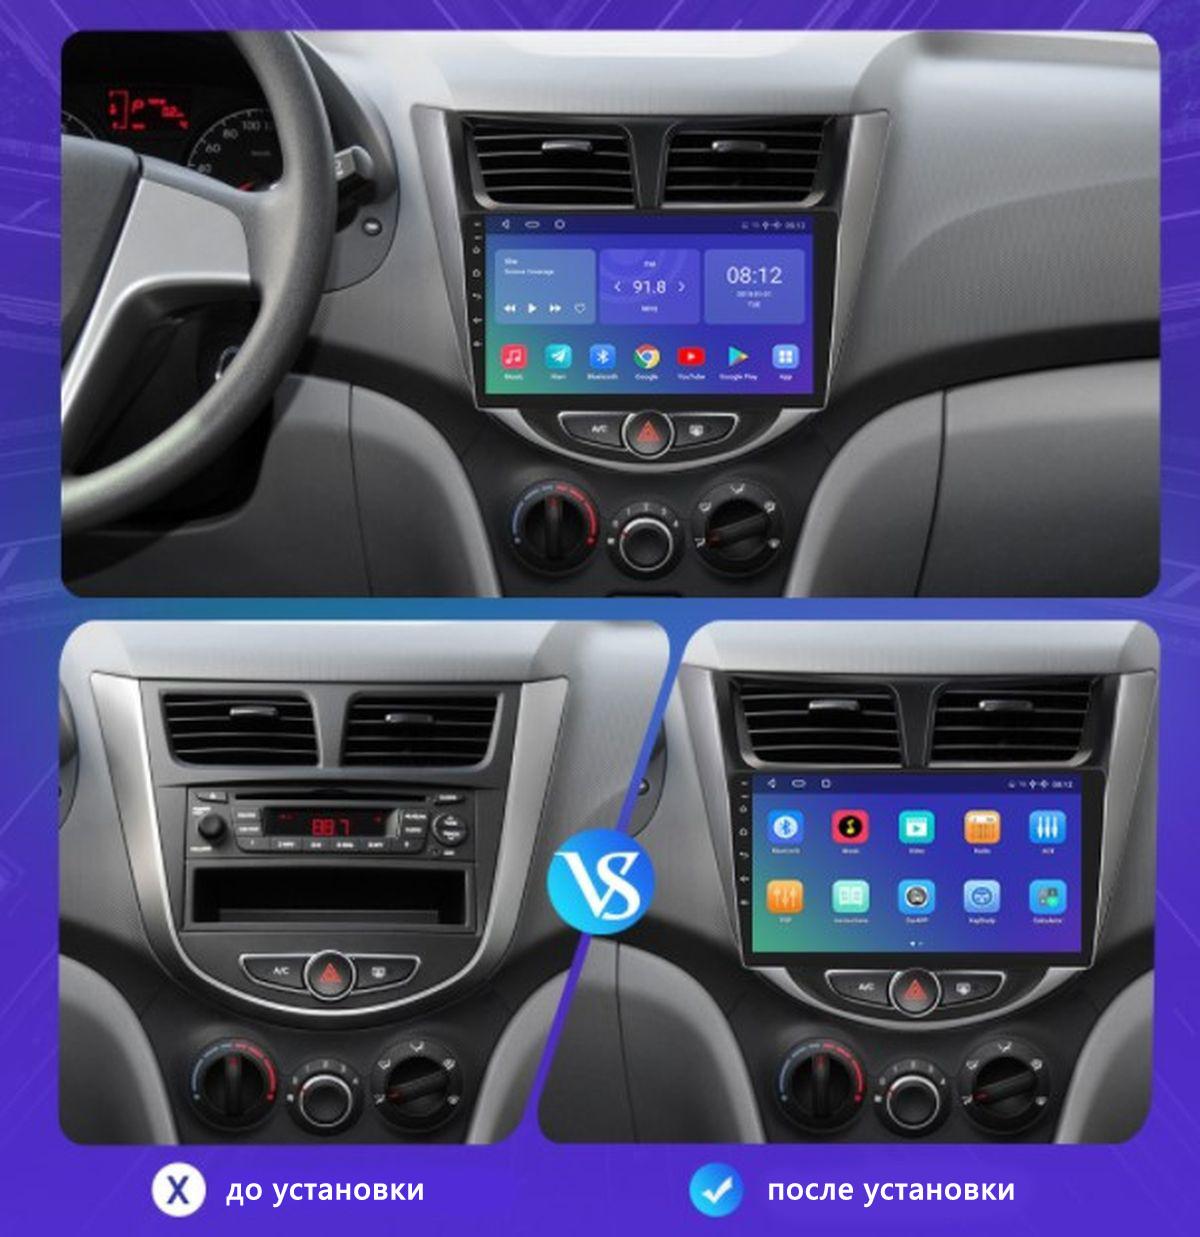 Штатна Android Магнітола на Hyundai Accent Solaris Verna 20010-2016 Model P6/P8-solution (М-ХВ-9-Р8)